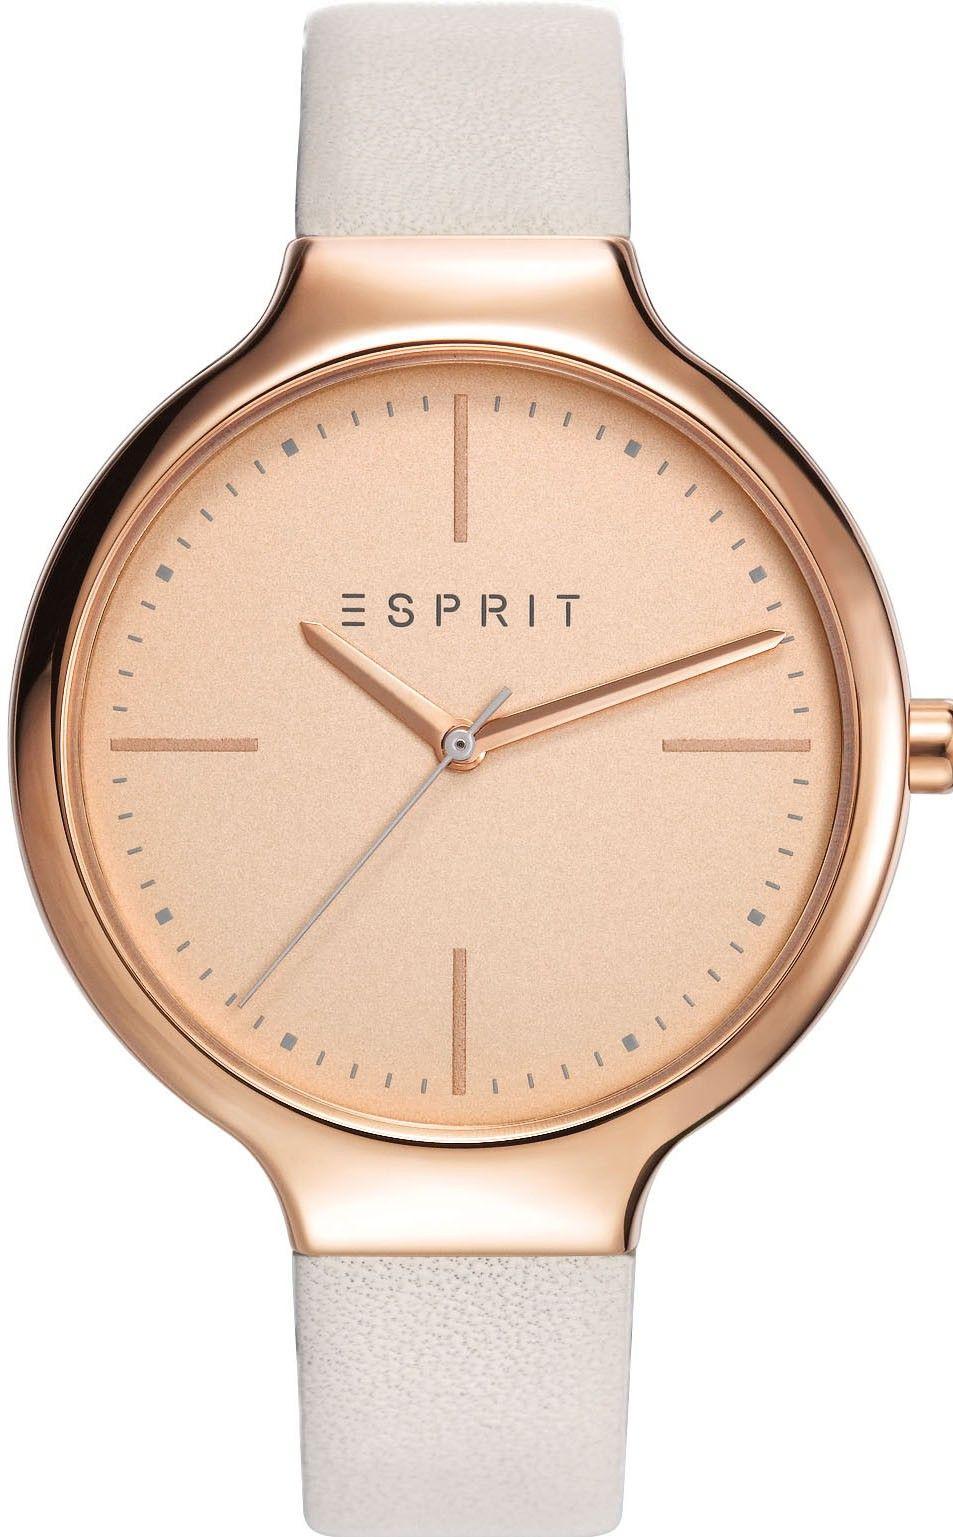 Esprit Es108142003 Bayan Kol Saati Saat Saat Bayan Saatleri Kadin Aksesuarlar